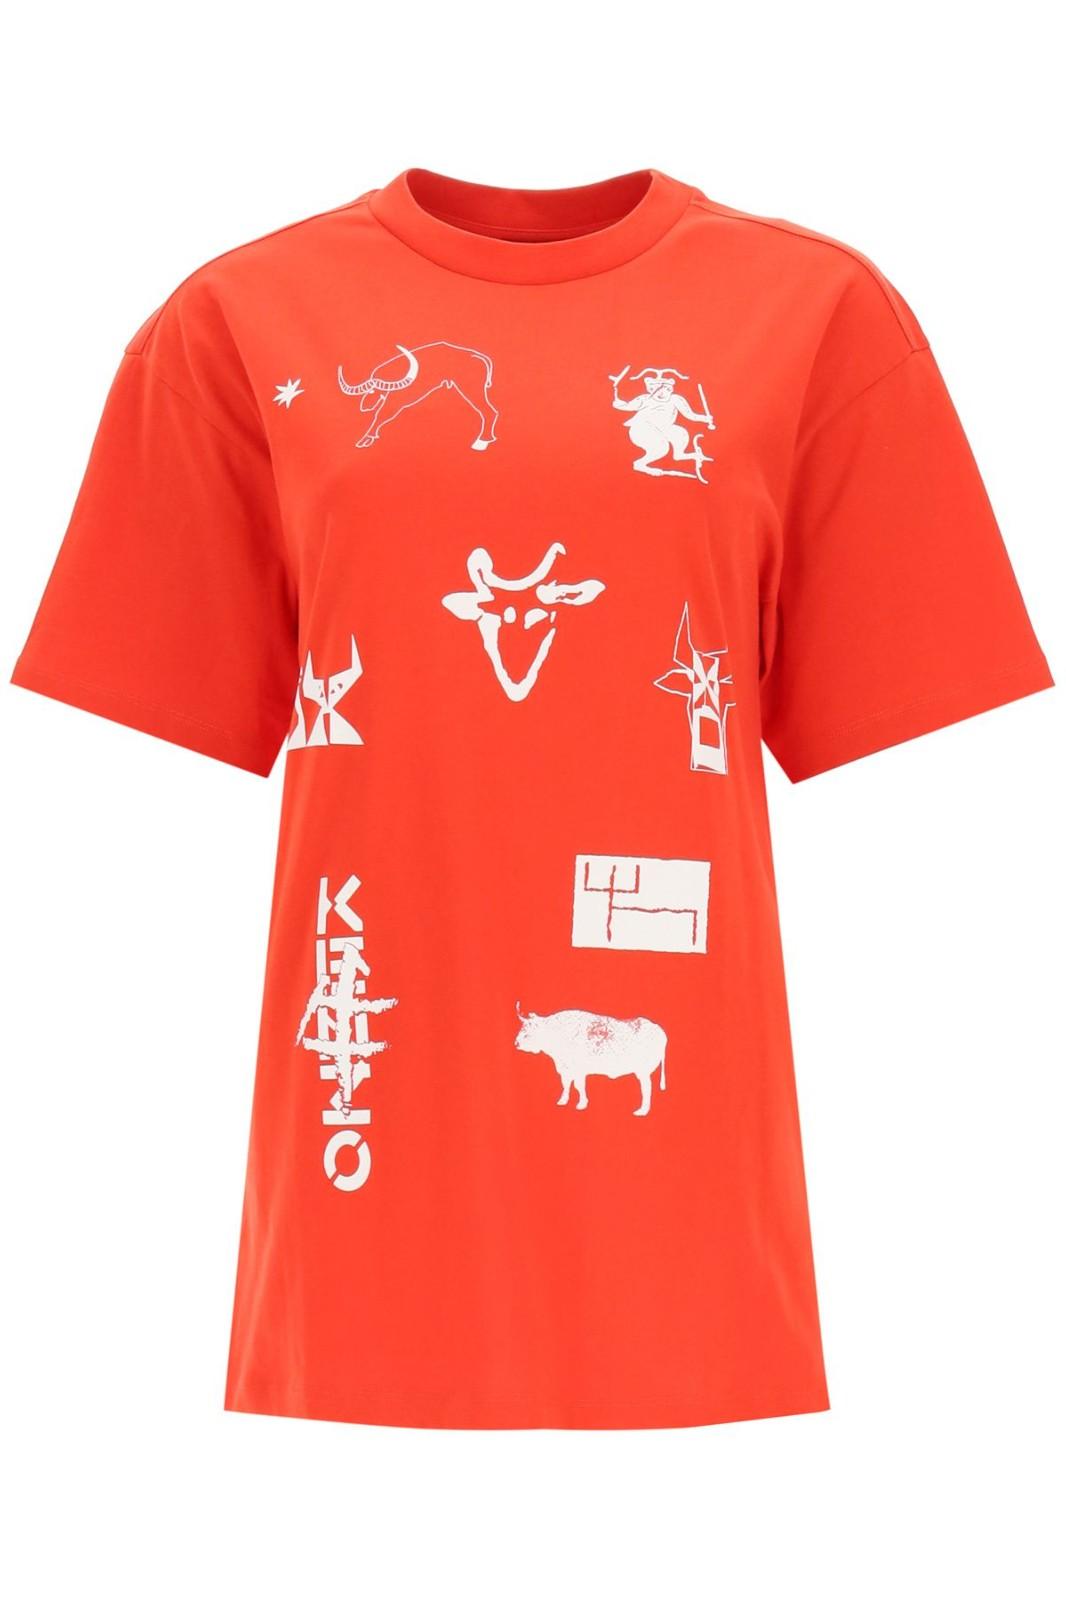 牛年限定T恤